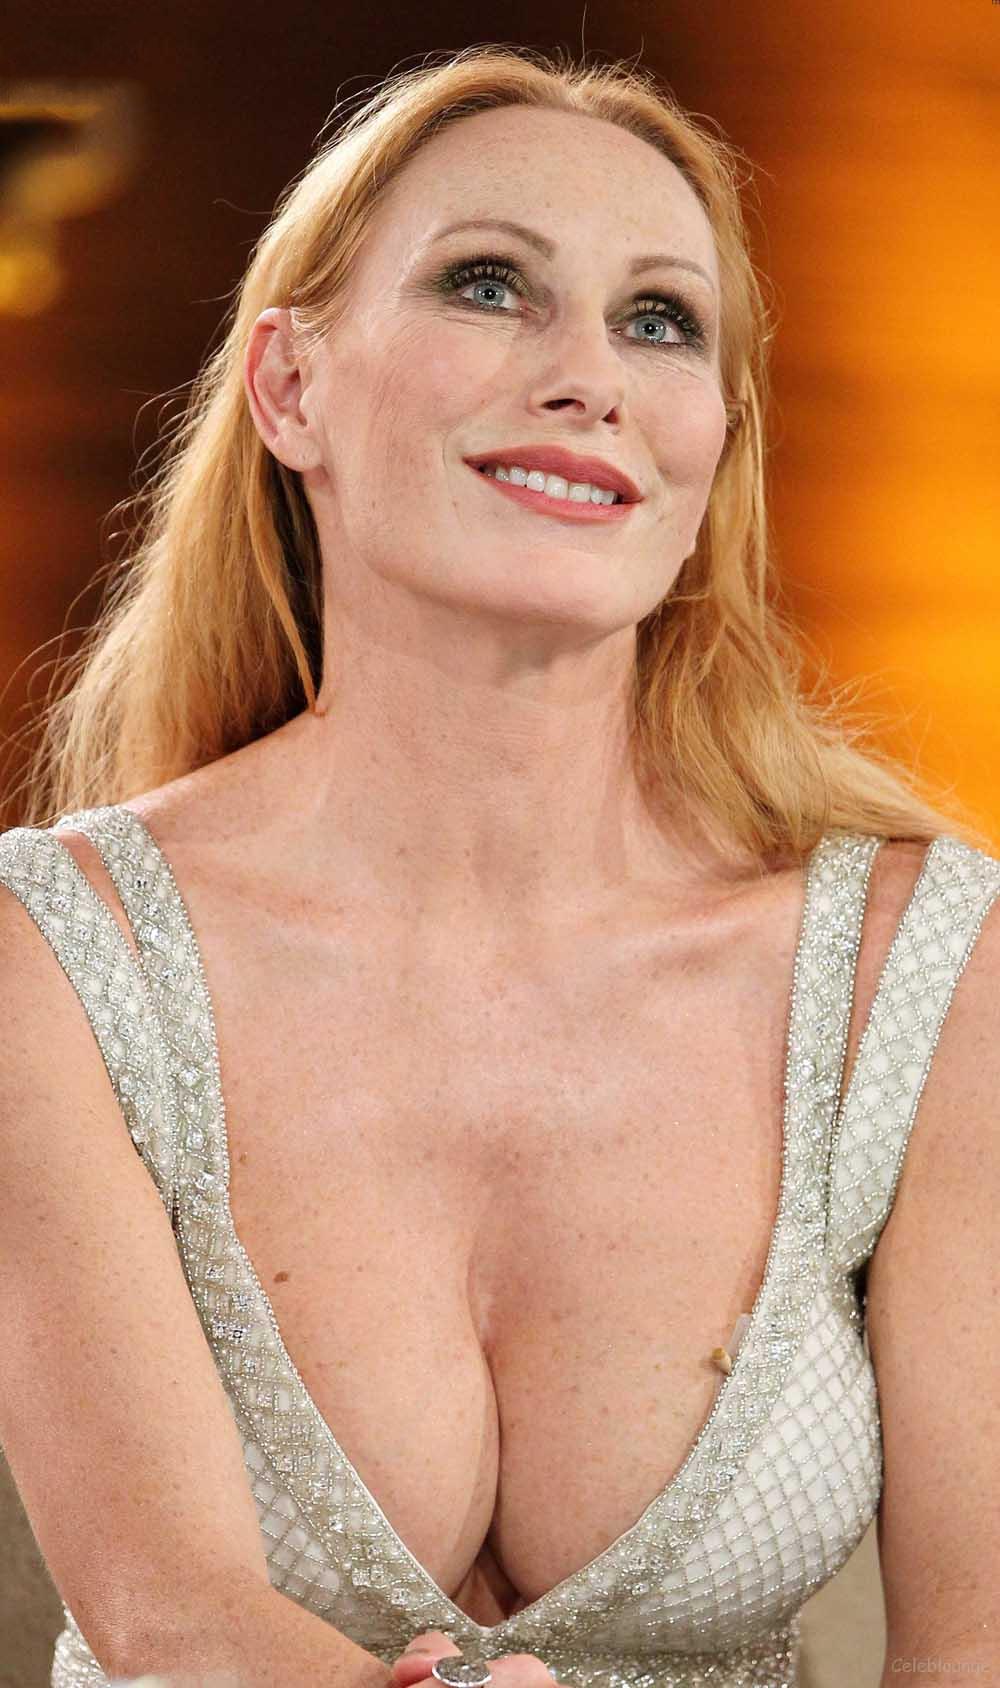 Amerikanische Frau nackt Schauspieler